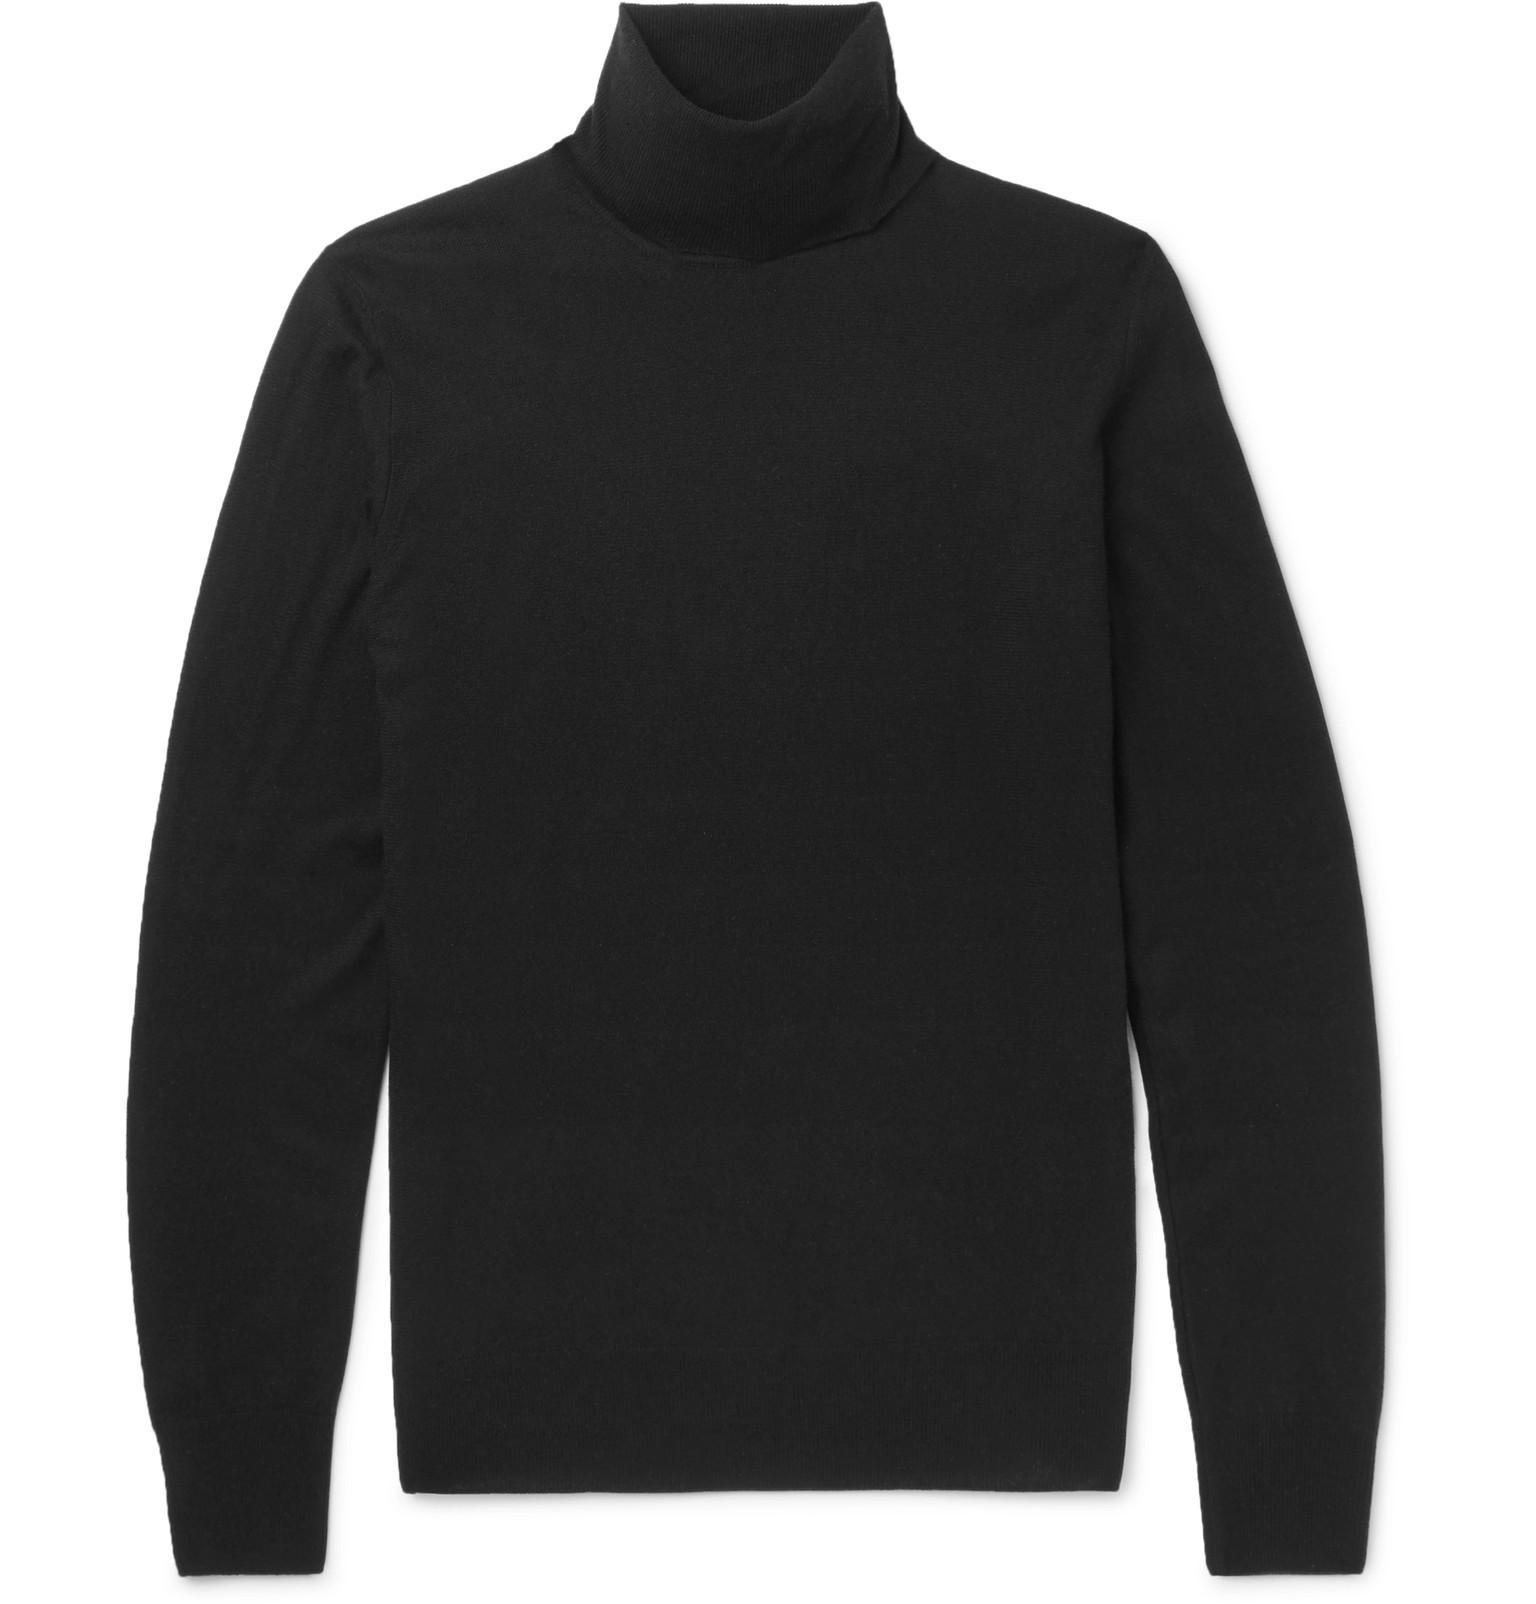 da8e78707 Lyst - Loro Piana Slim-fit Baby Cashmere Rollneck Sweater in Black ...